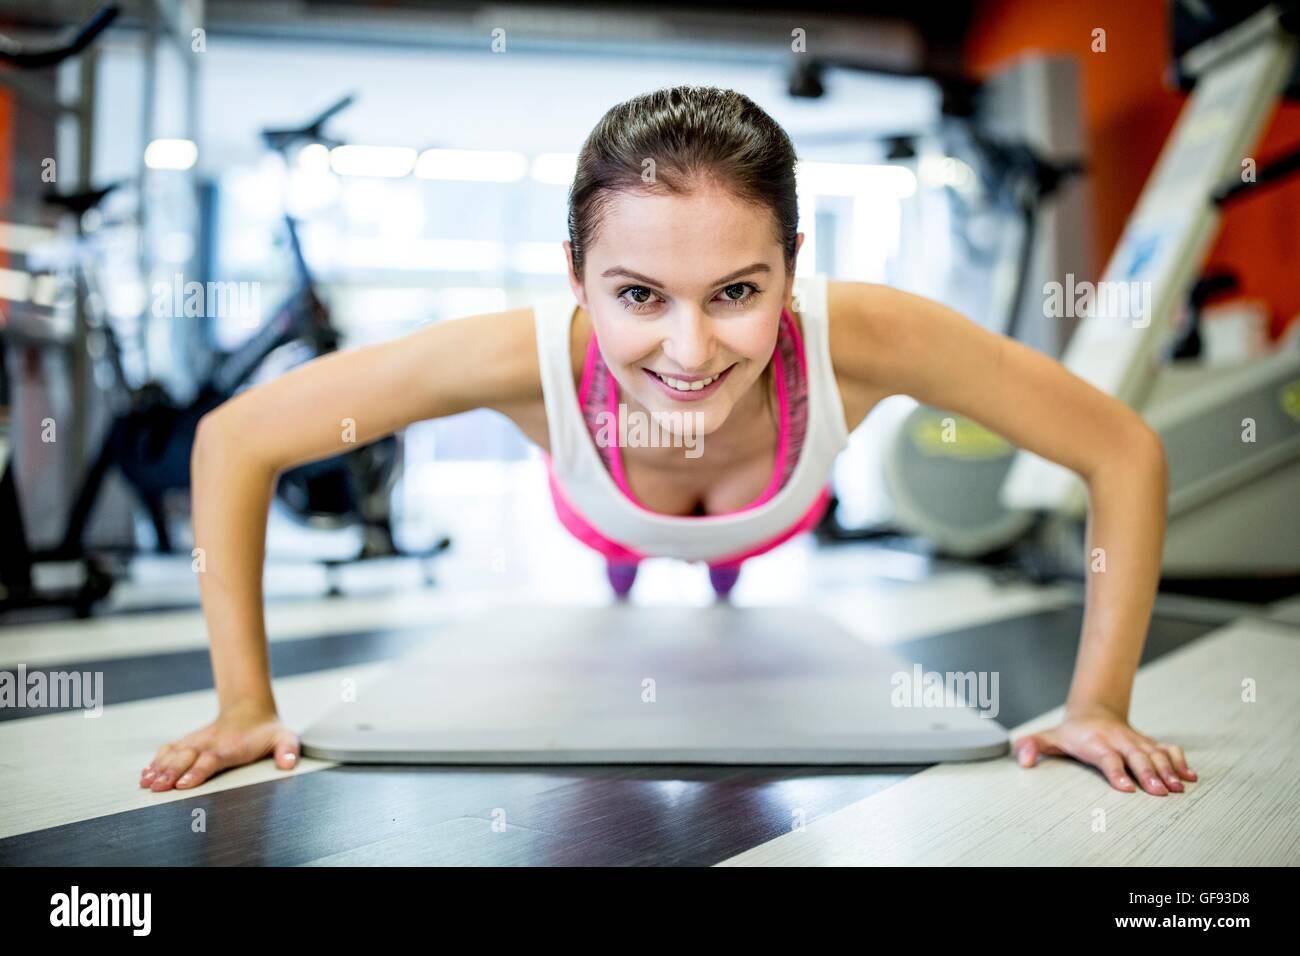 EIGENTUM FREIGEGEBEN. -MODELL VERÖFFENTLICHT. Porträt der jungen Frau Liegestütz im Fitness-Studio Stockbild